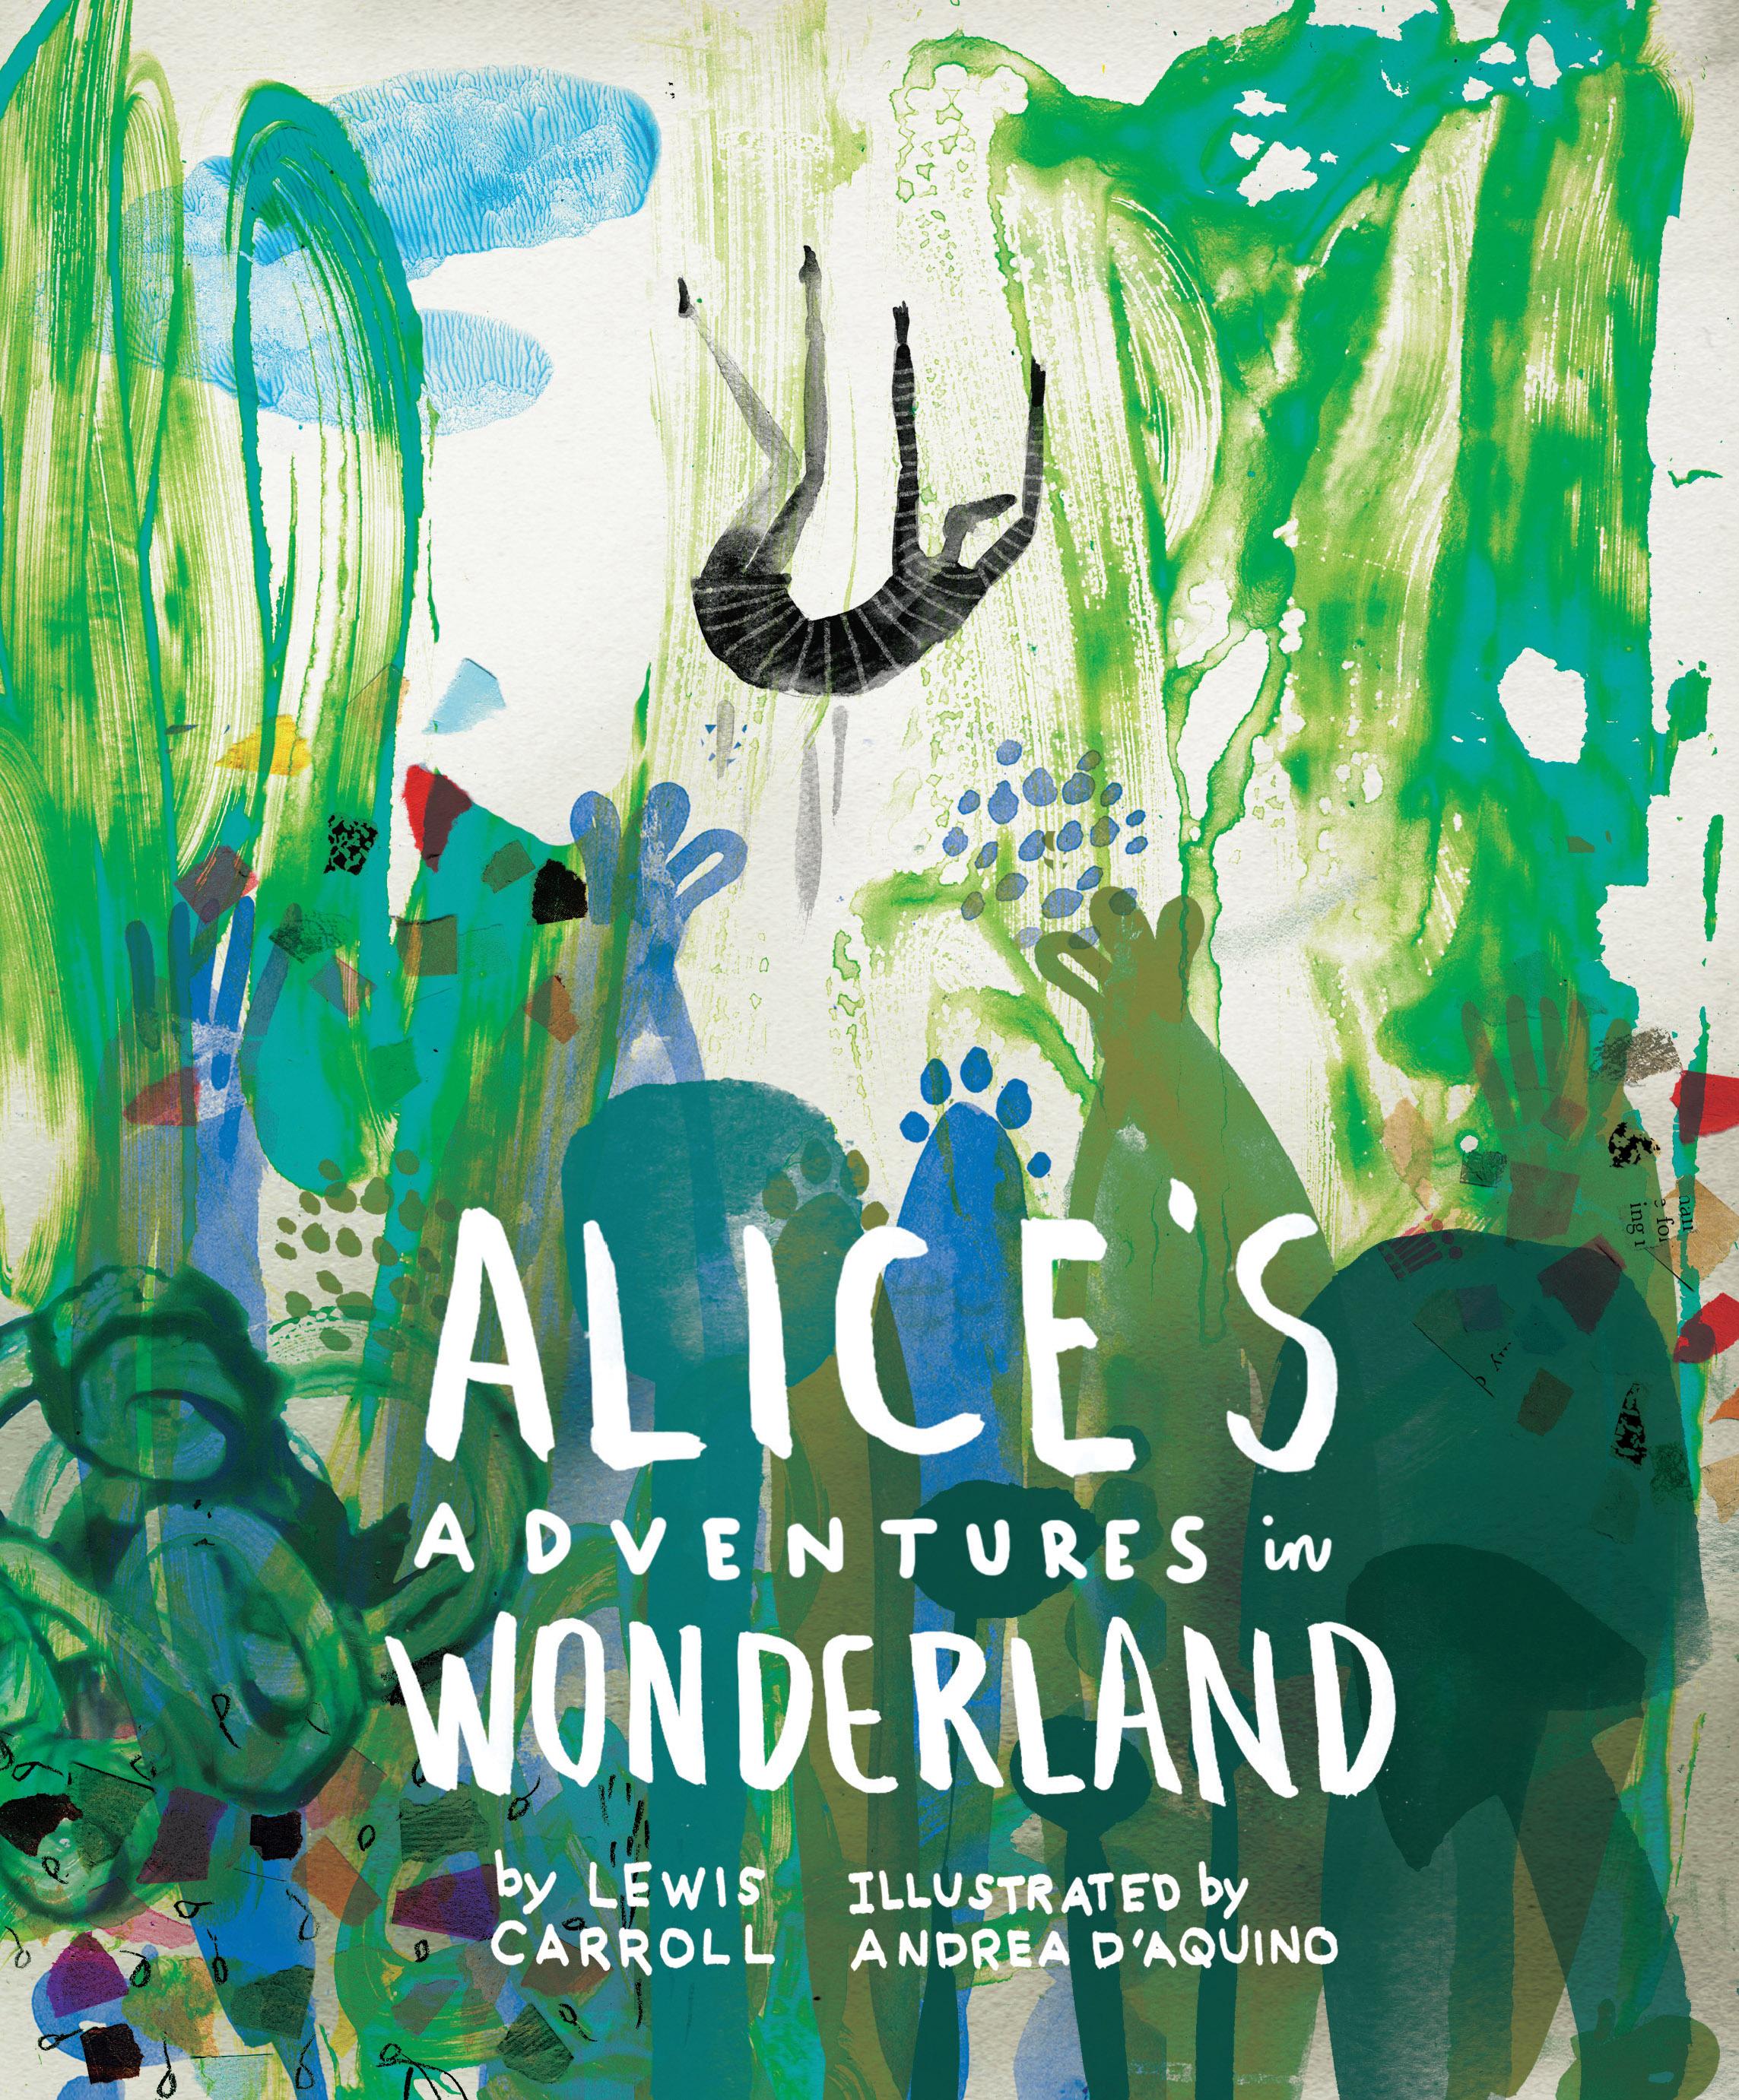 AlicesAdventuresInWonderland.jpg